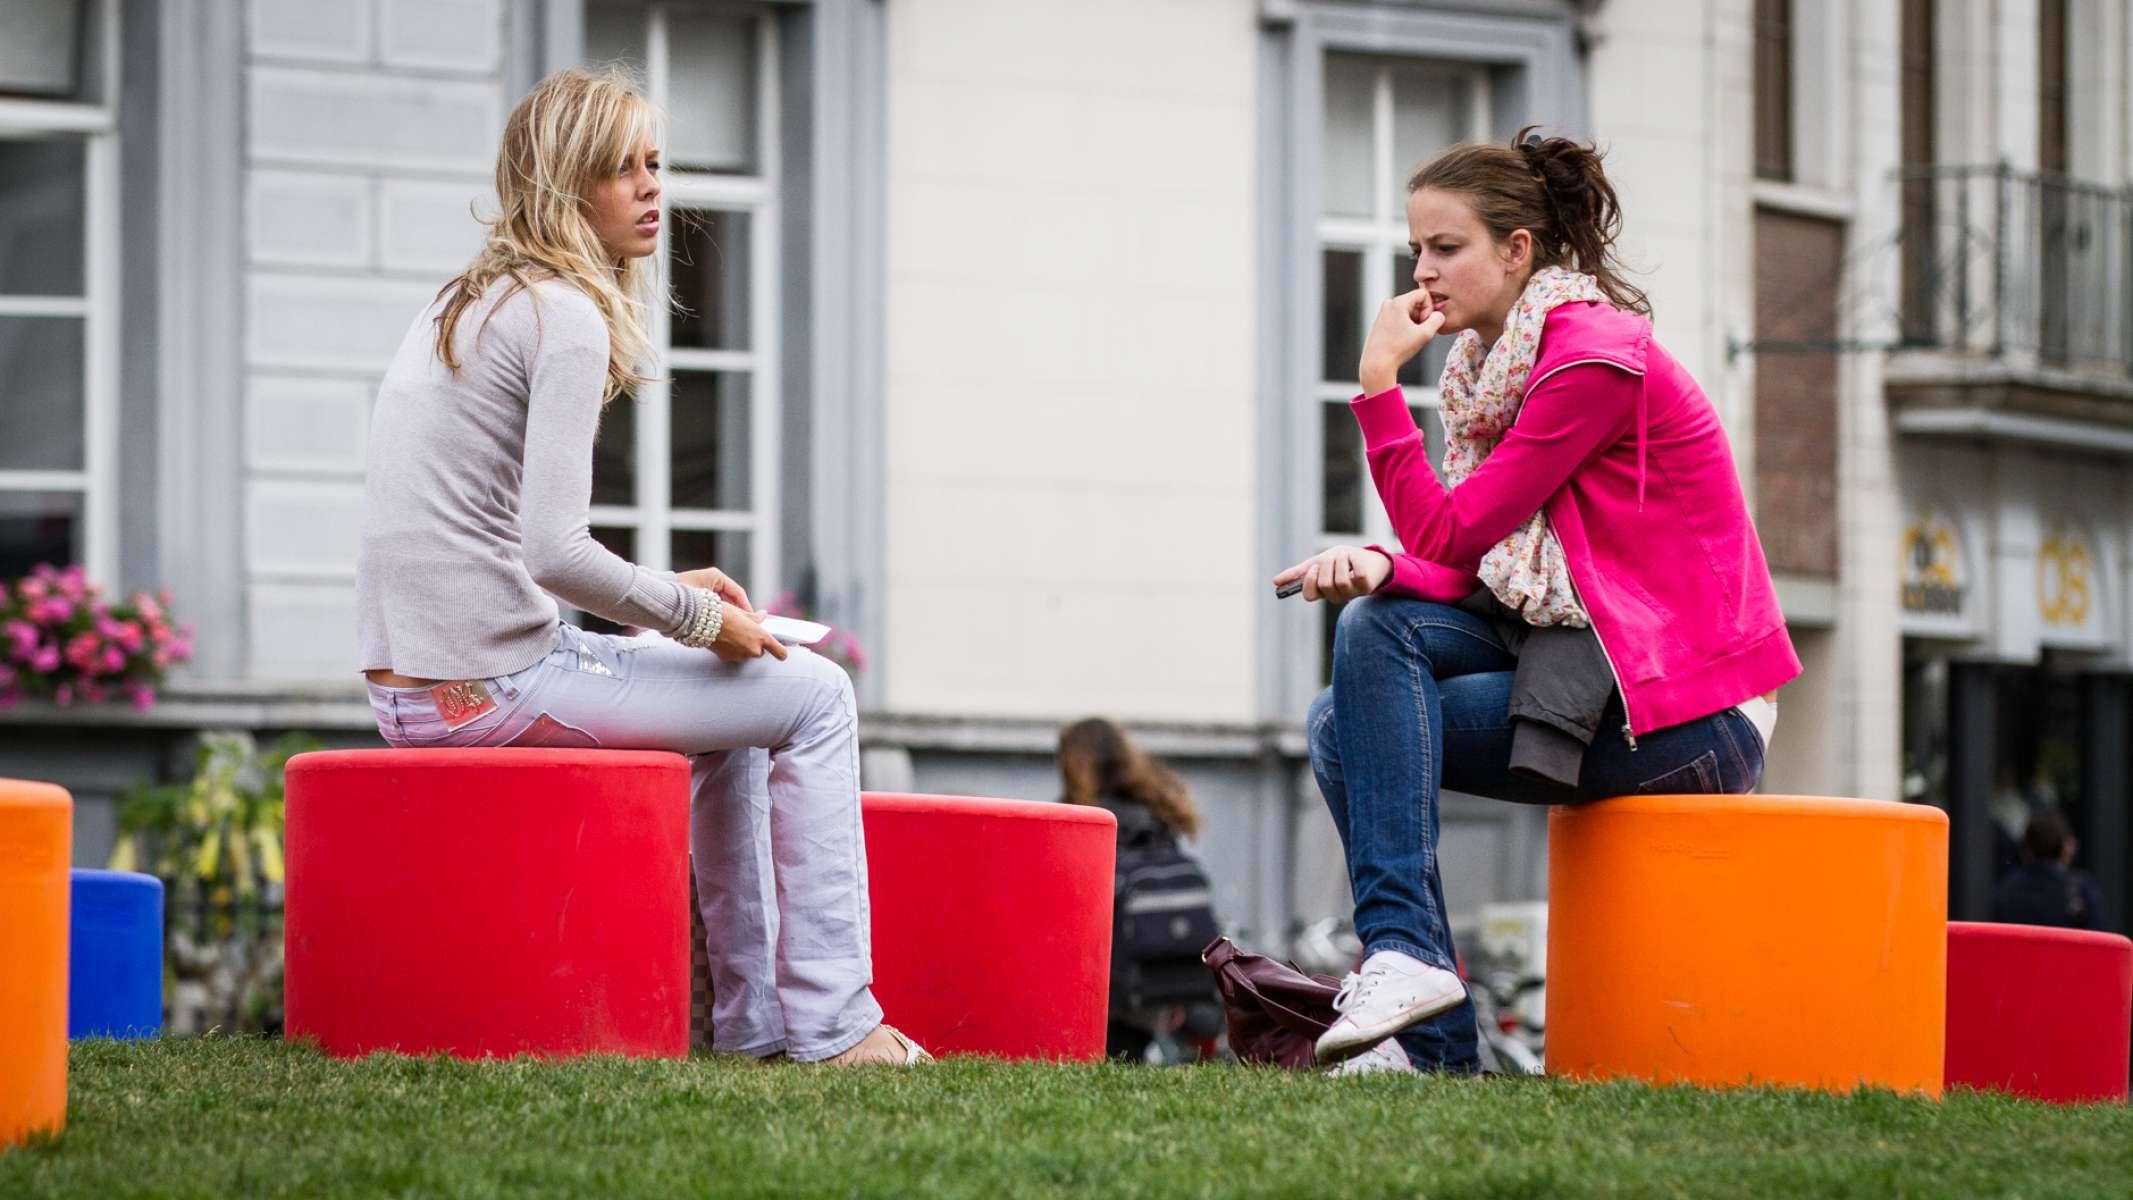 HopOp 500 kruk voor de openbare ruimte om te zitten